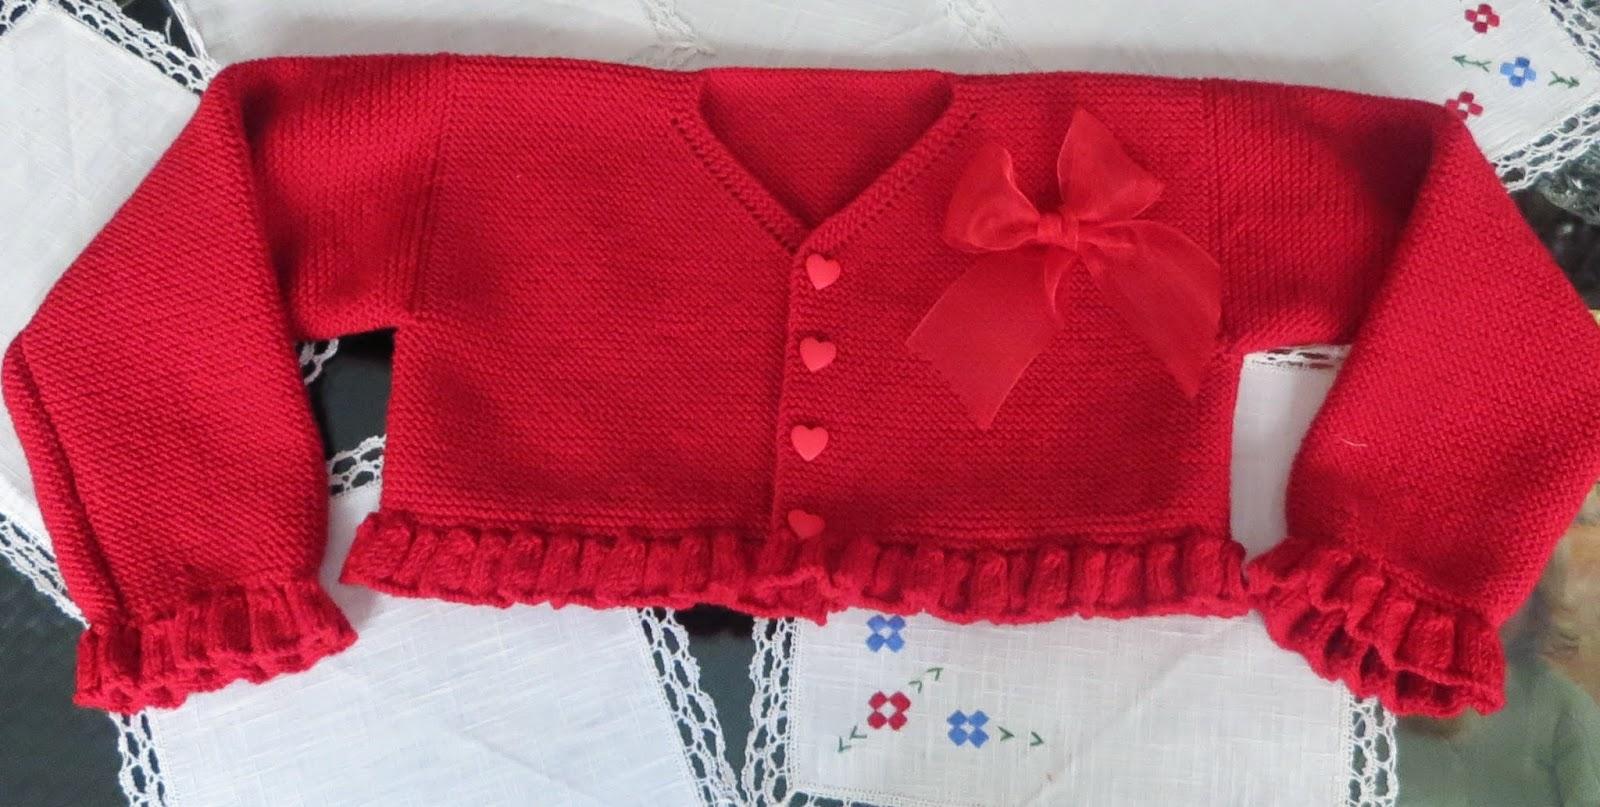 Las agujas de majos chaqueta b sica en rojo - Tejer chaqueta bebe 6 meses ...